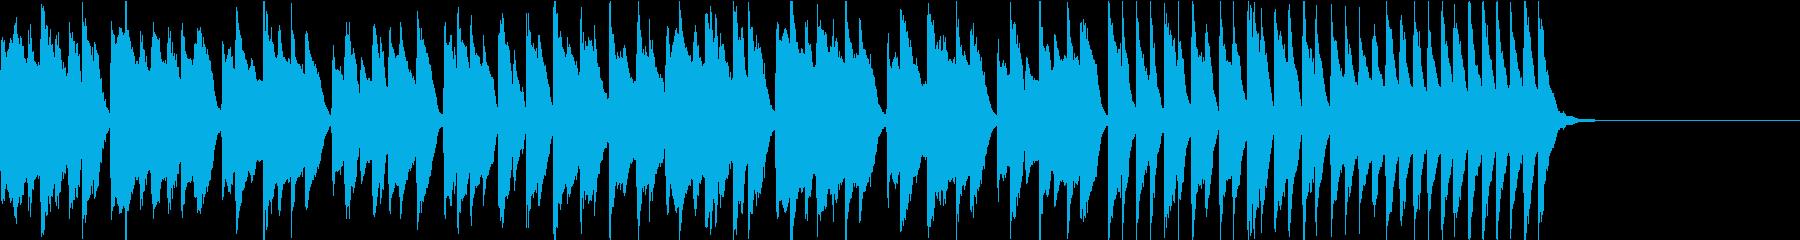 子供 ペット わんぱくカワイイ ピアノ曲の再生済みの波形